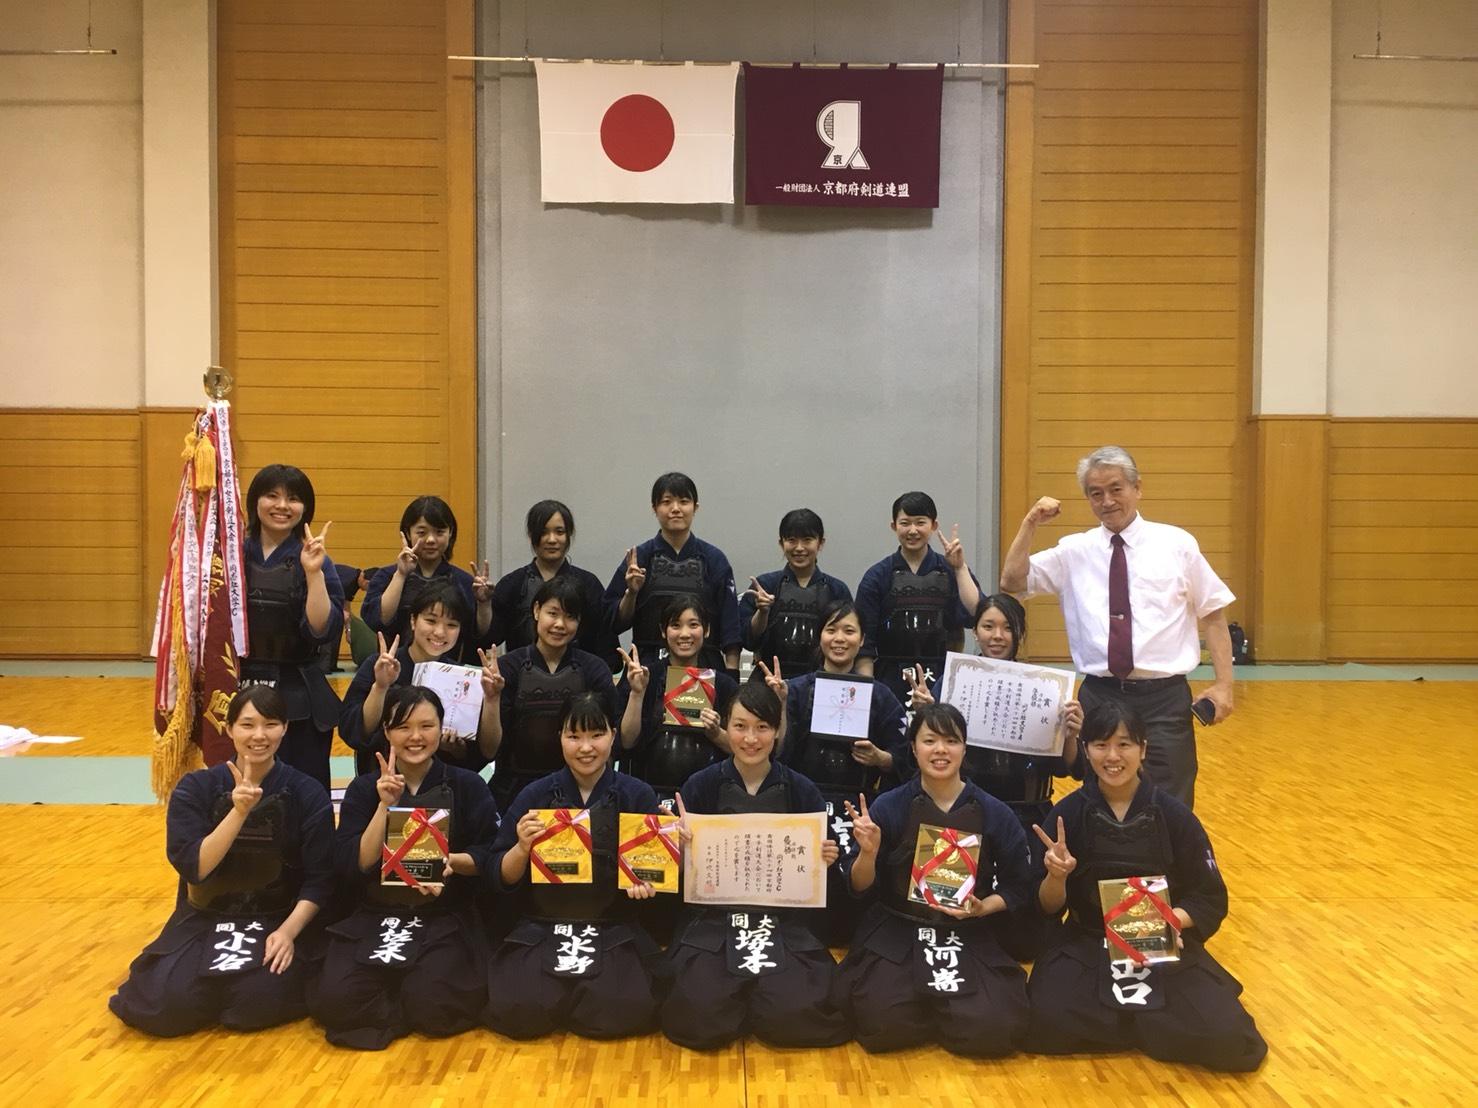 【結果報告】第34回京都府女子剣道大会(2018.7.1)